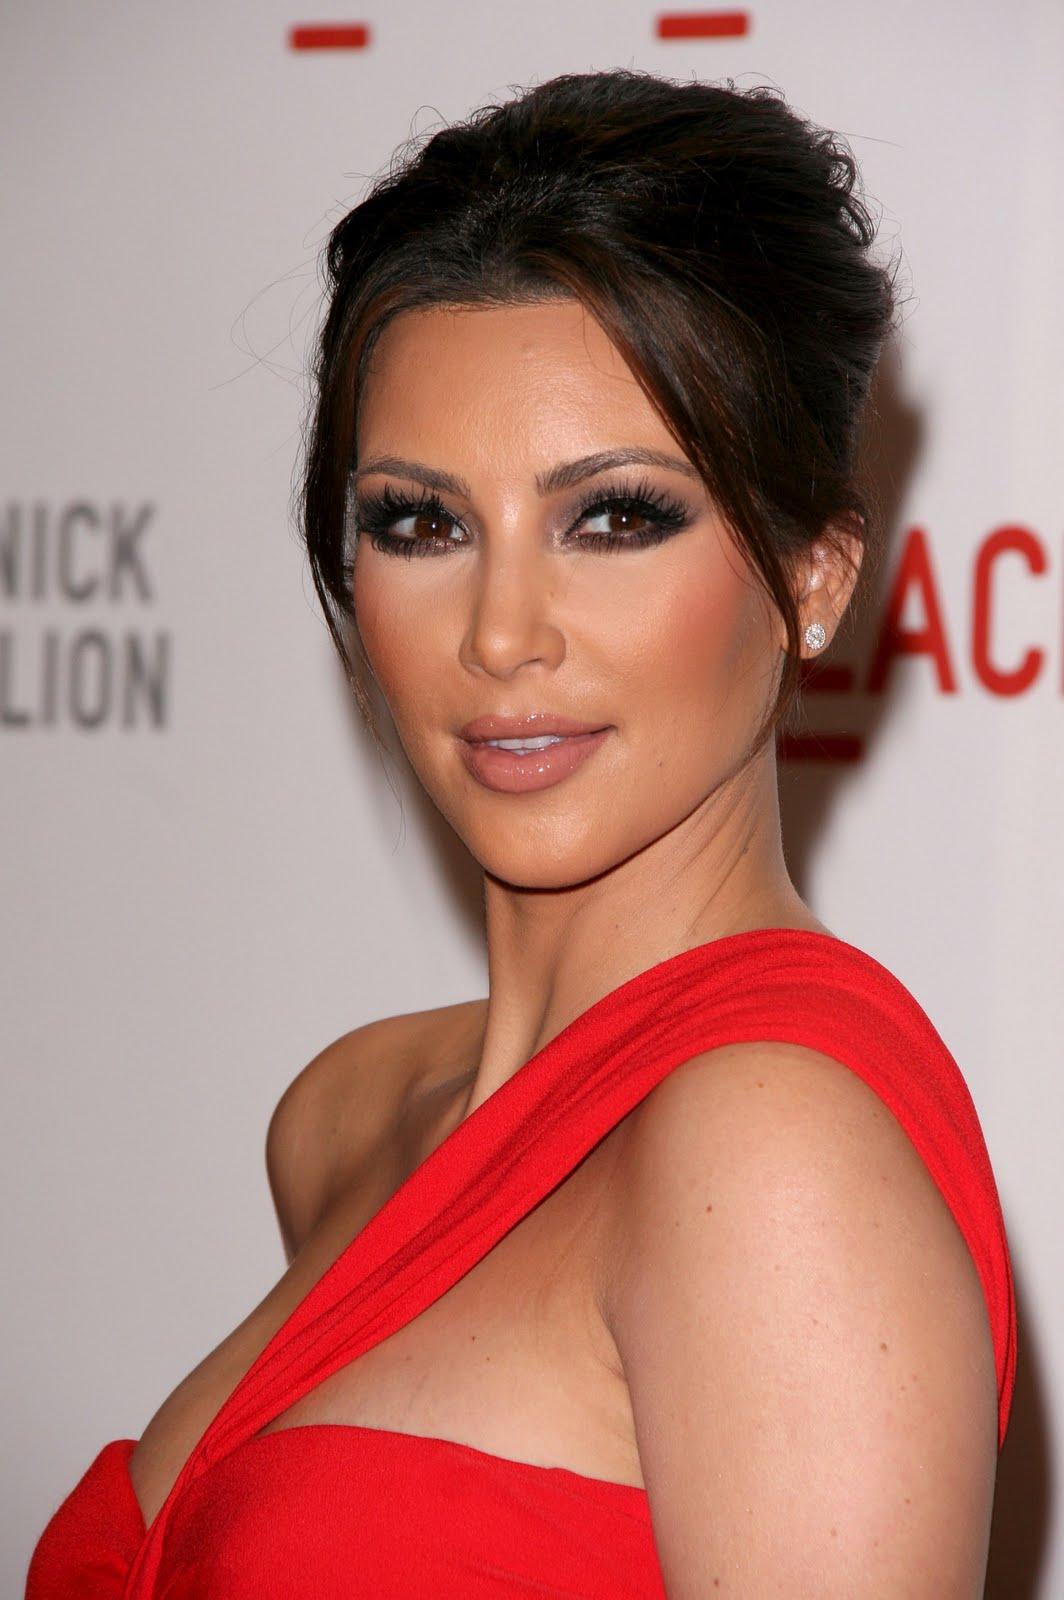 http://2.bp.blogspot.com/_ImioM_zH-NY/TLs7WZ07O1I/AAAAAAAAAmk/ZKKTLWwPaDw/s1600/Kim-Kardashian-27.jpg